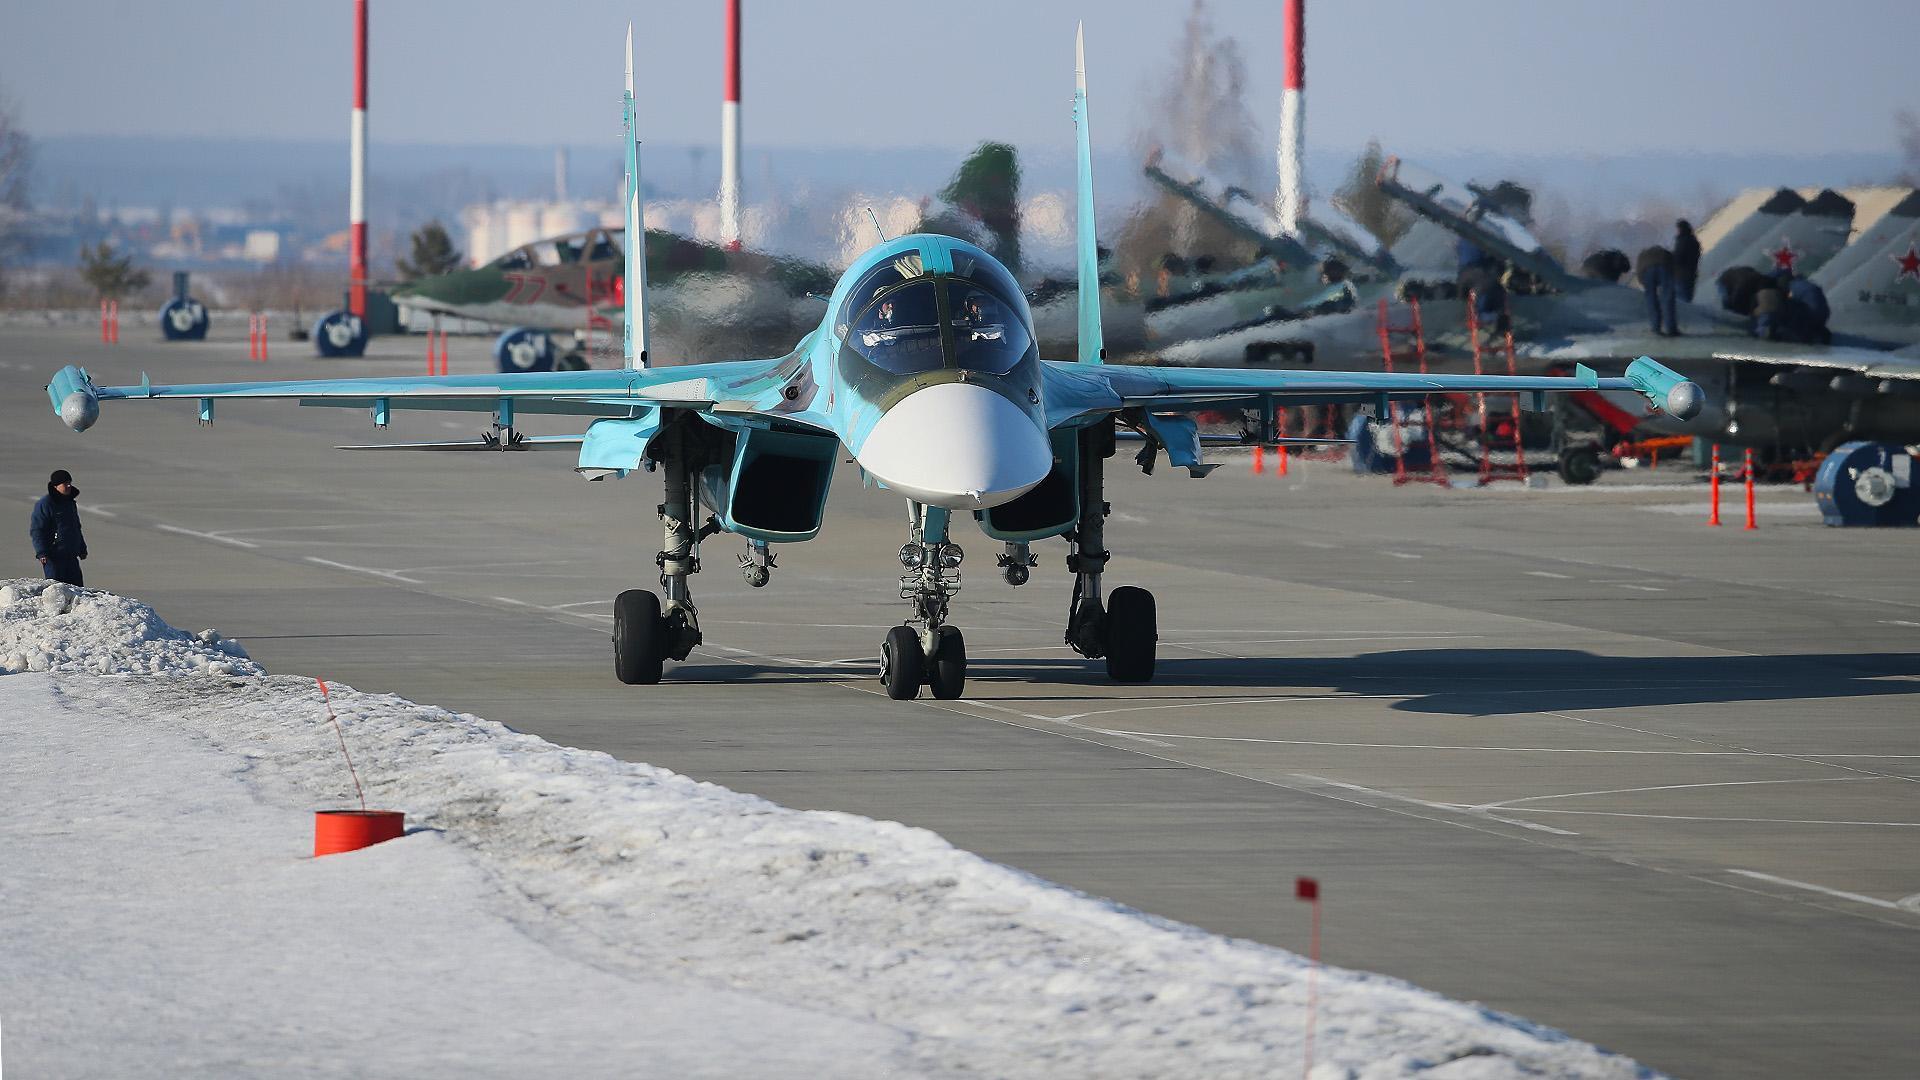 Россия начала внедрять в армию новейший бомбардировщик Су-34 НВО